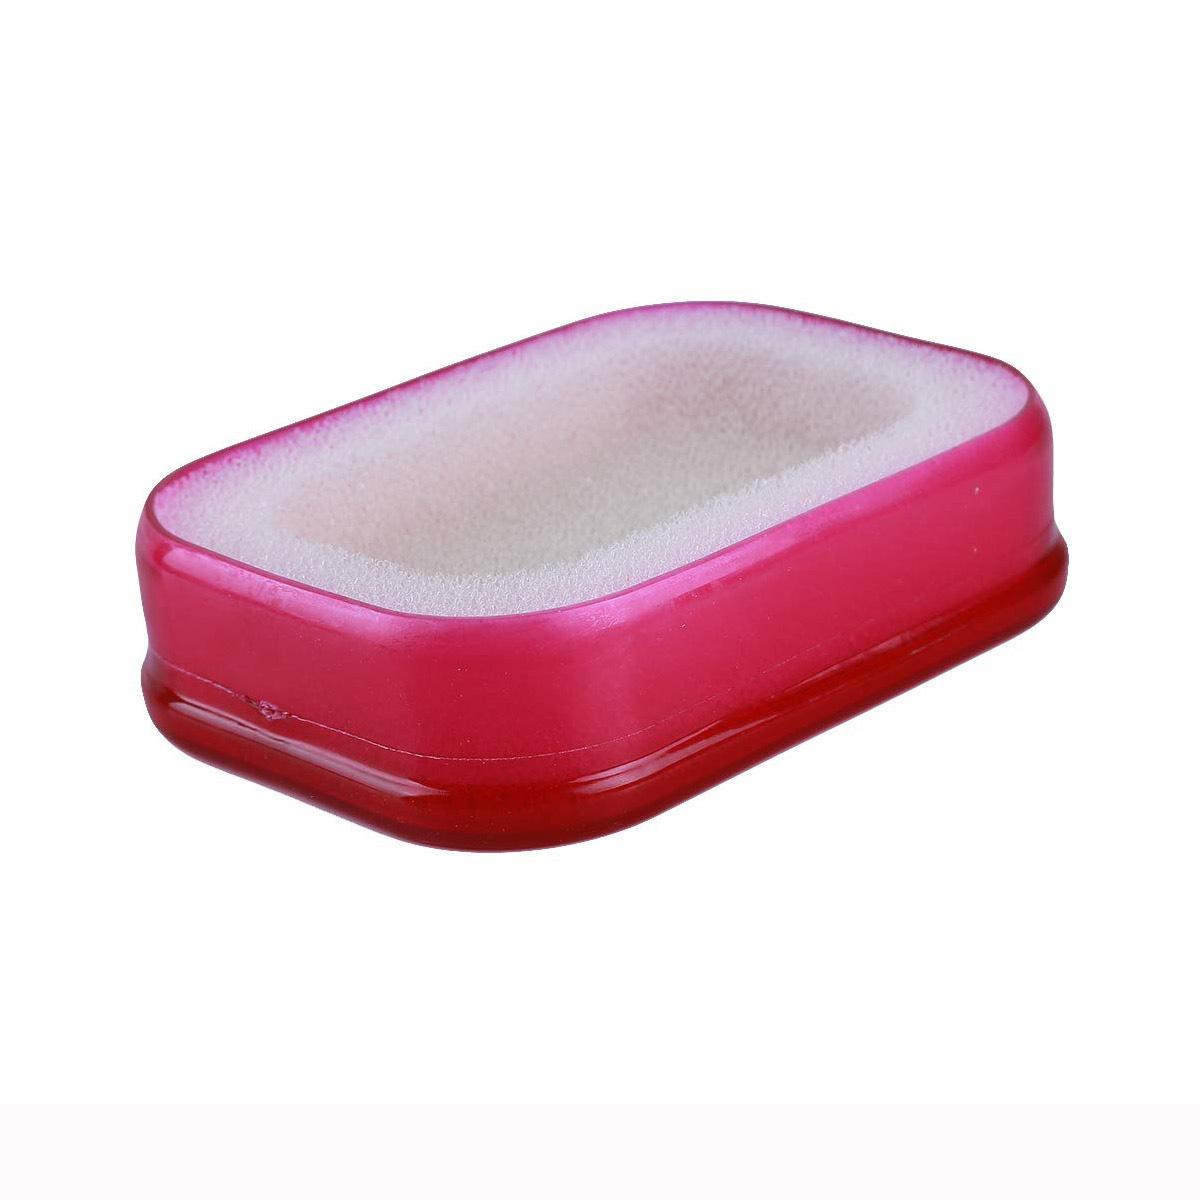 Мультифункциональная губка мыльница в пластиковой коробке, красный,